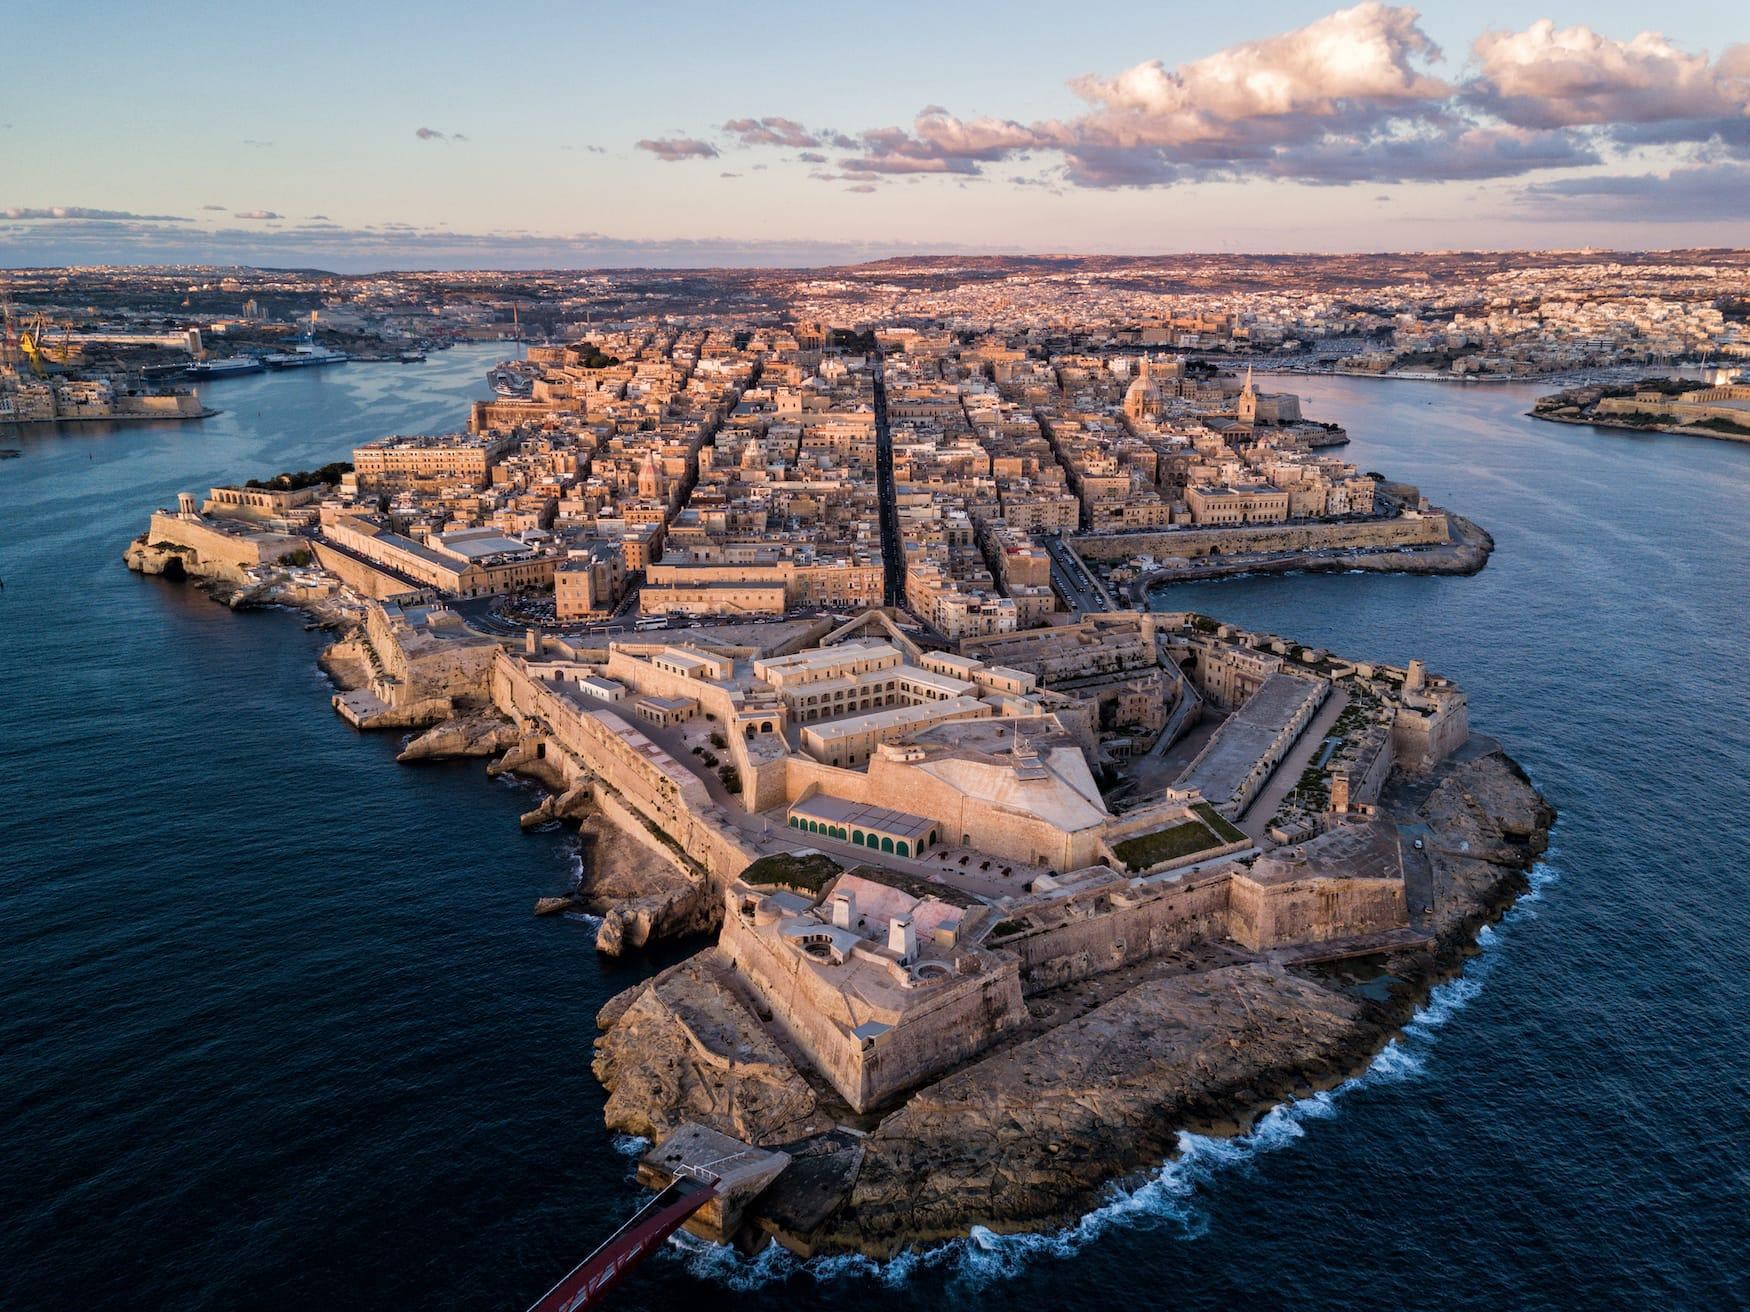 Fort St. Elmo in Valletta, Malta, aus der Vogelperspektive